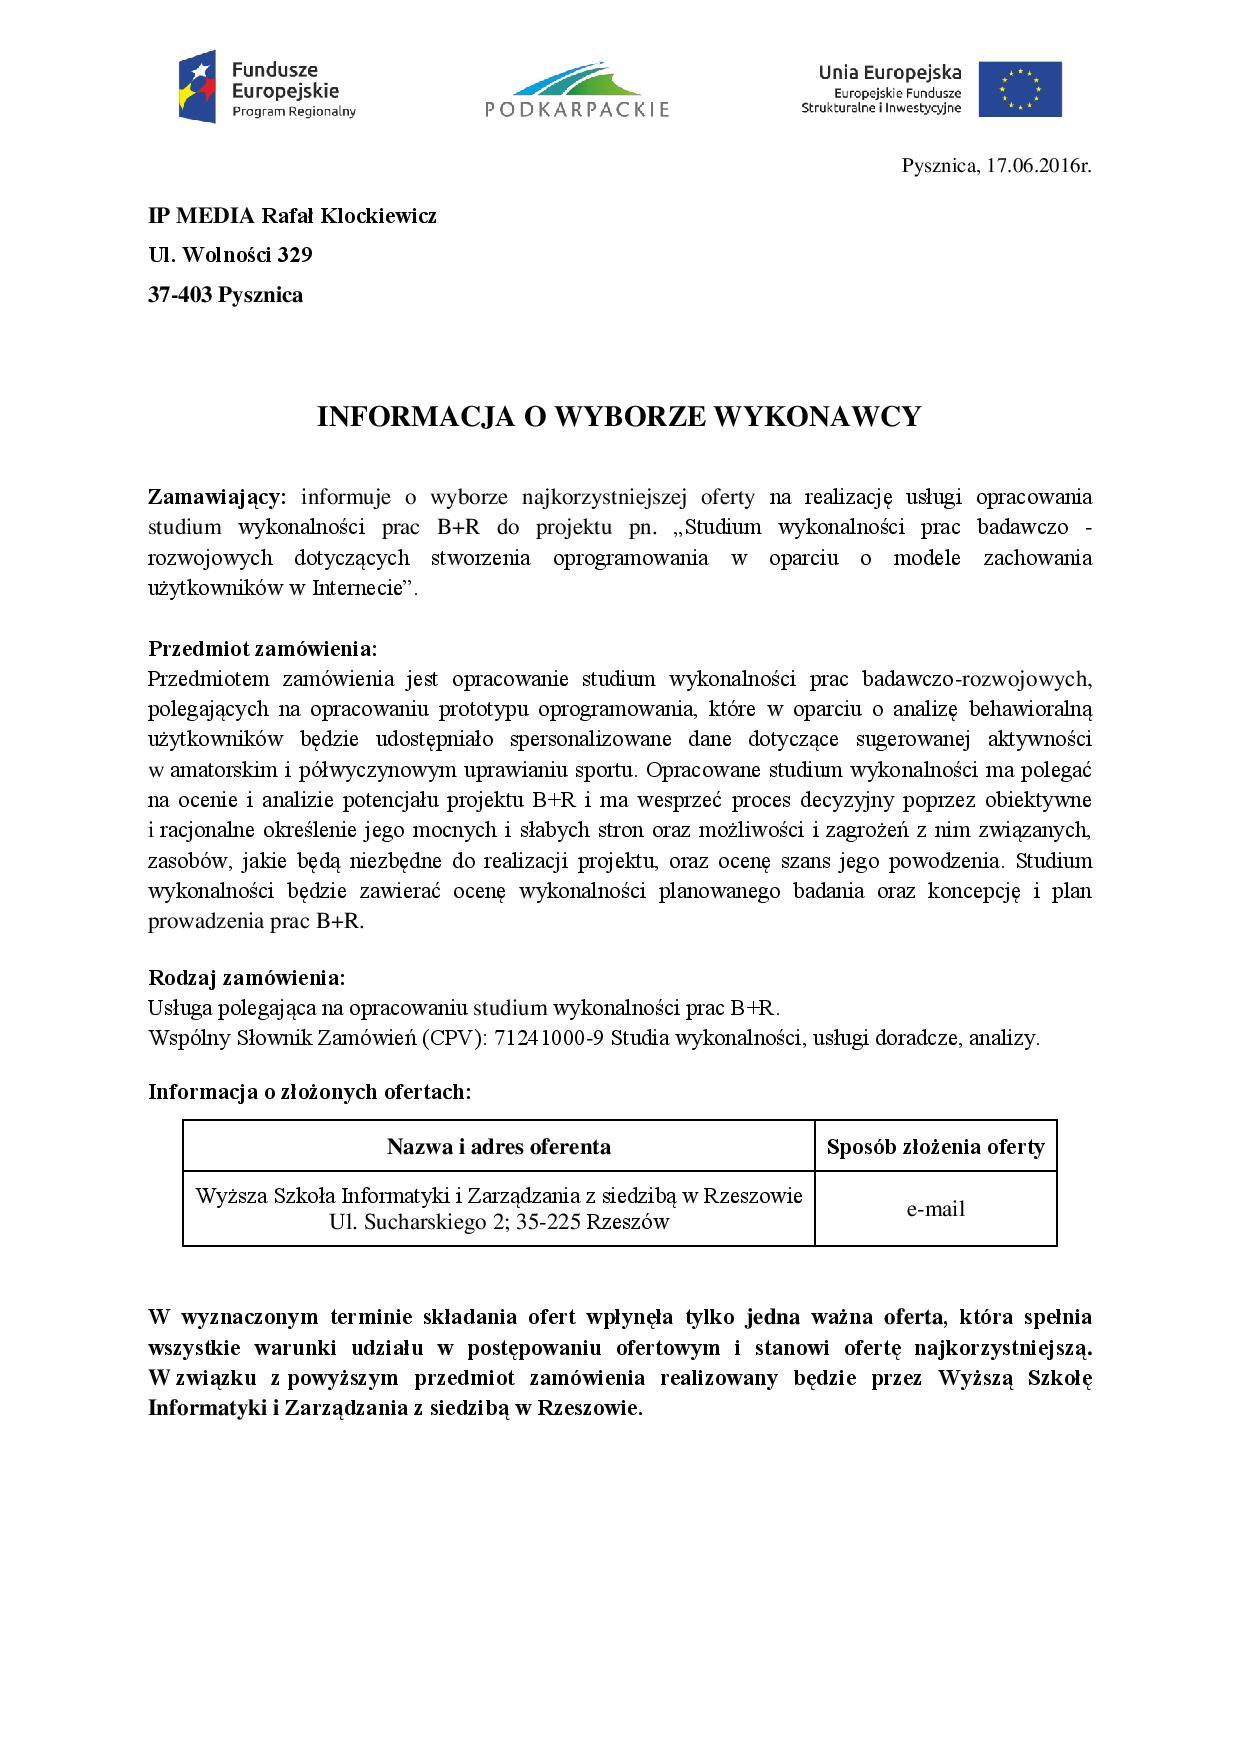 IP_Media_1.2_Informacja_o_wyborze_wykonawcy-page-001